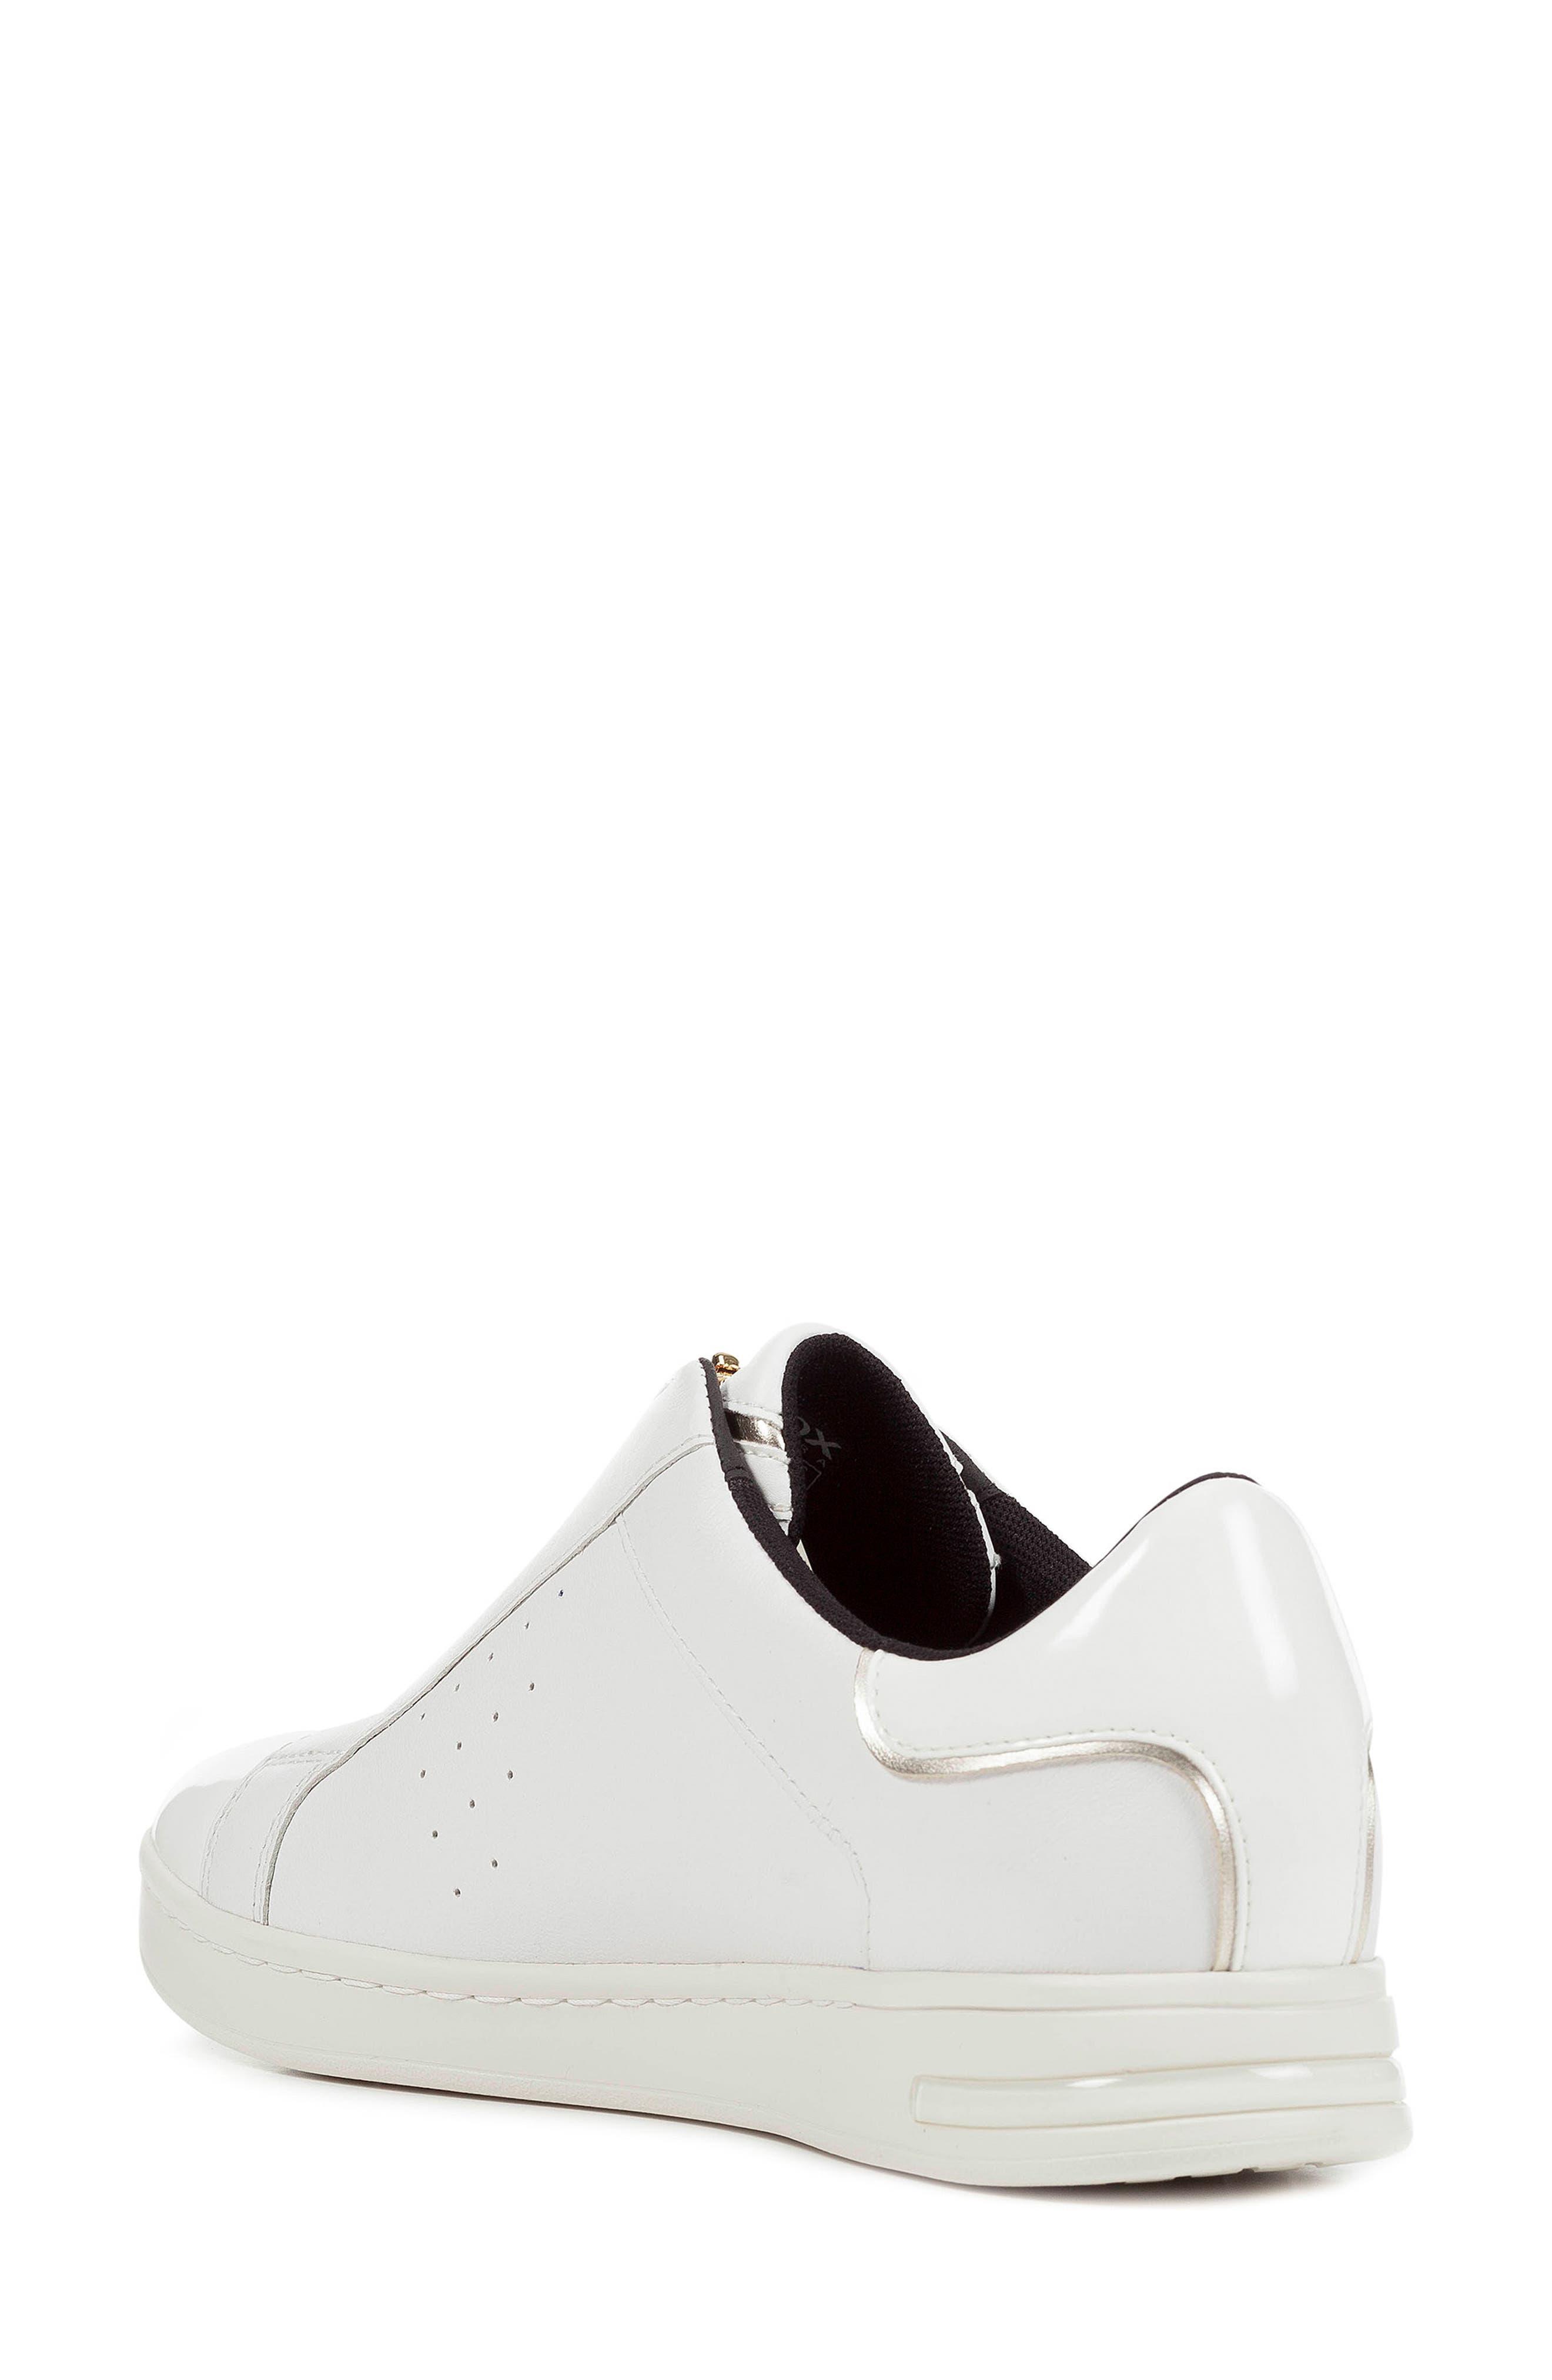 Jaysen Sneaker,                             Alternate thumbnail 7, color,                             WHITE LEATHER